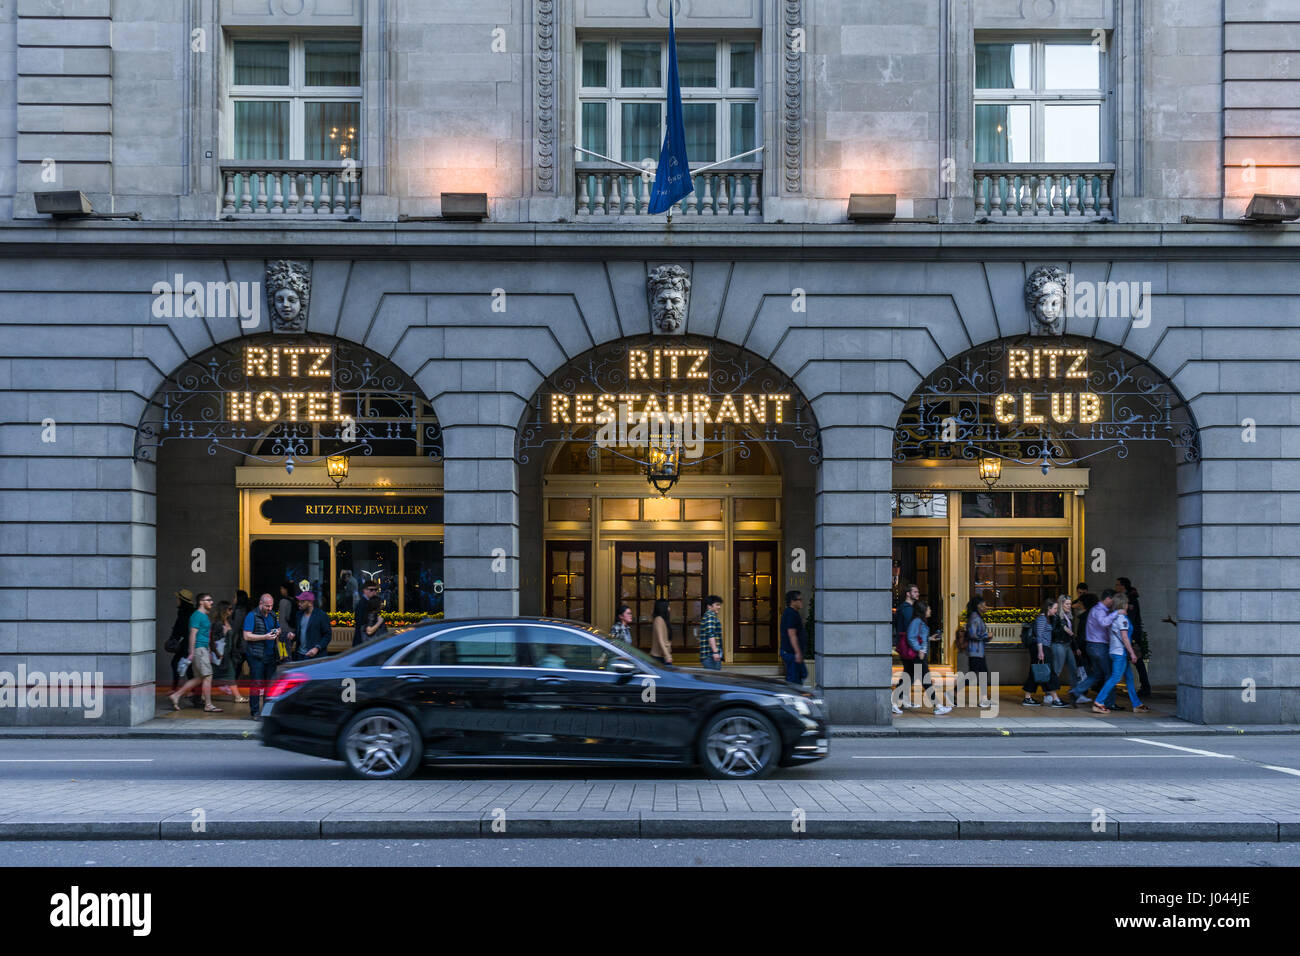 Ein Luxus-Auto geht der Eingang auf das Ritz Restaurant 150 Piccadilly, London St Jame - England. Stockbild